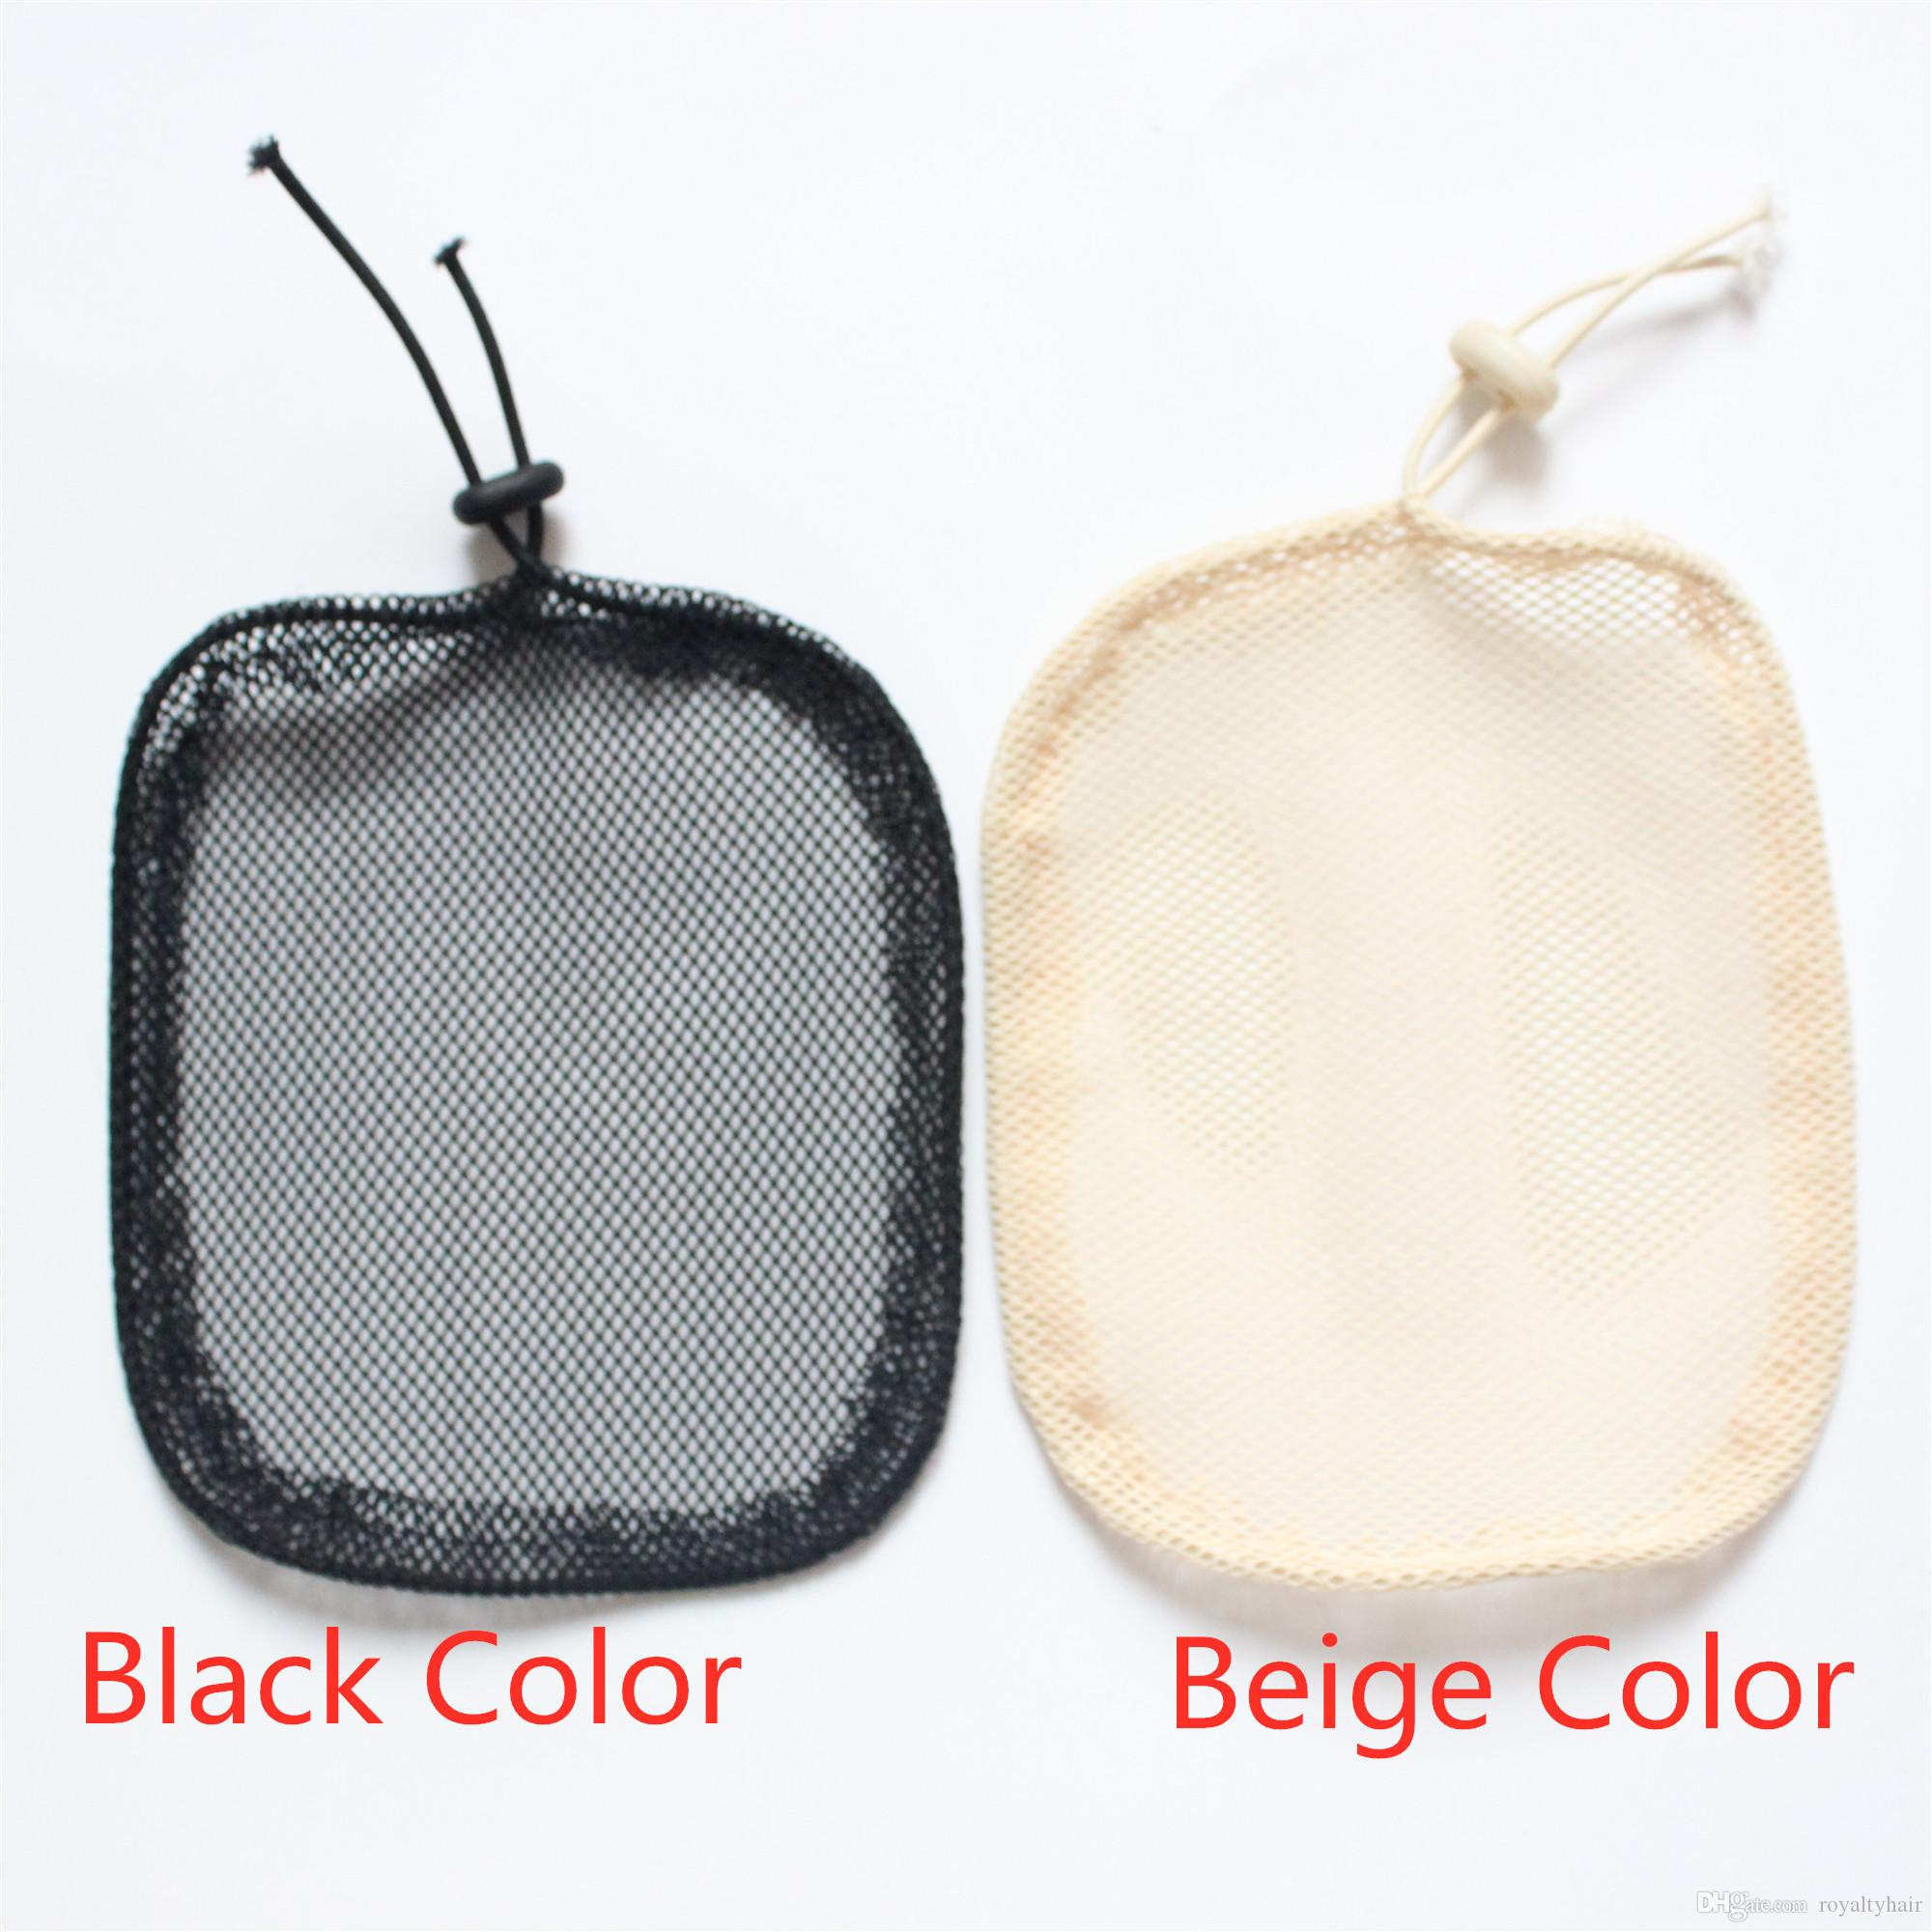 글루리스 머리 그물 가발 라이너 블랙 / 베이지와 포니 테일 스판덱스 그물 탄성 머리 그물을 만들기위한 저렴한 모자